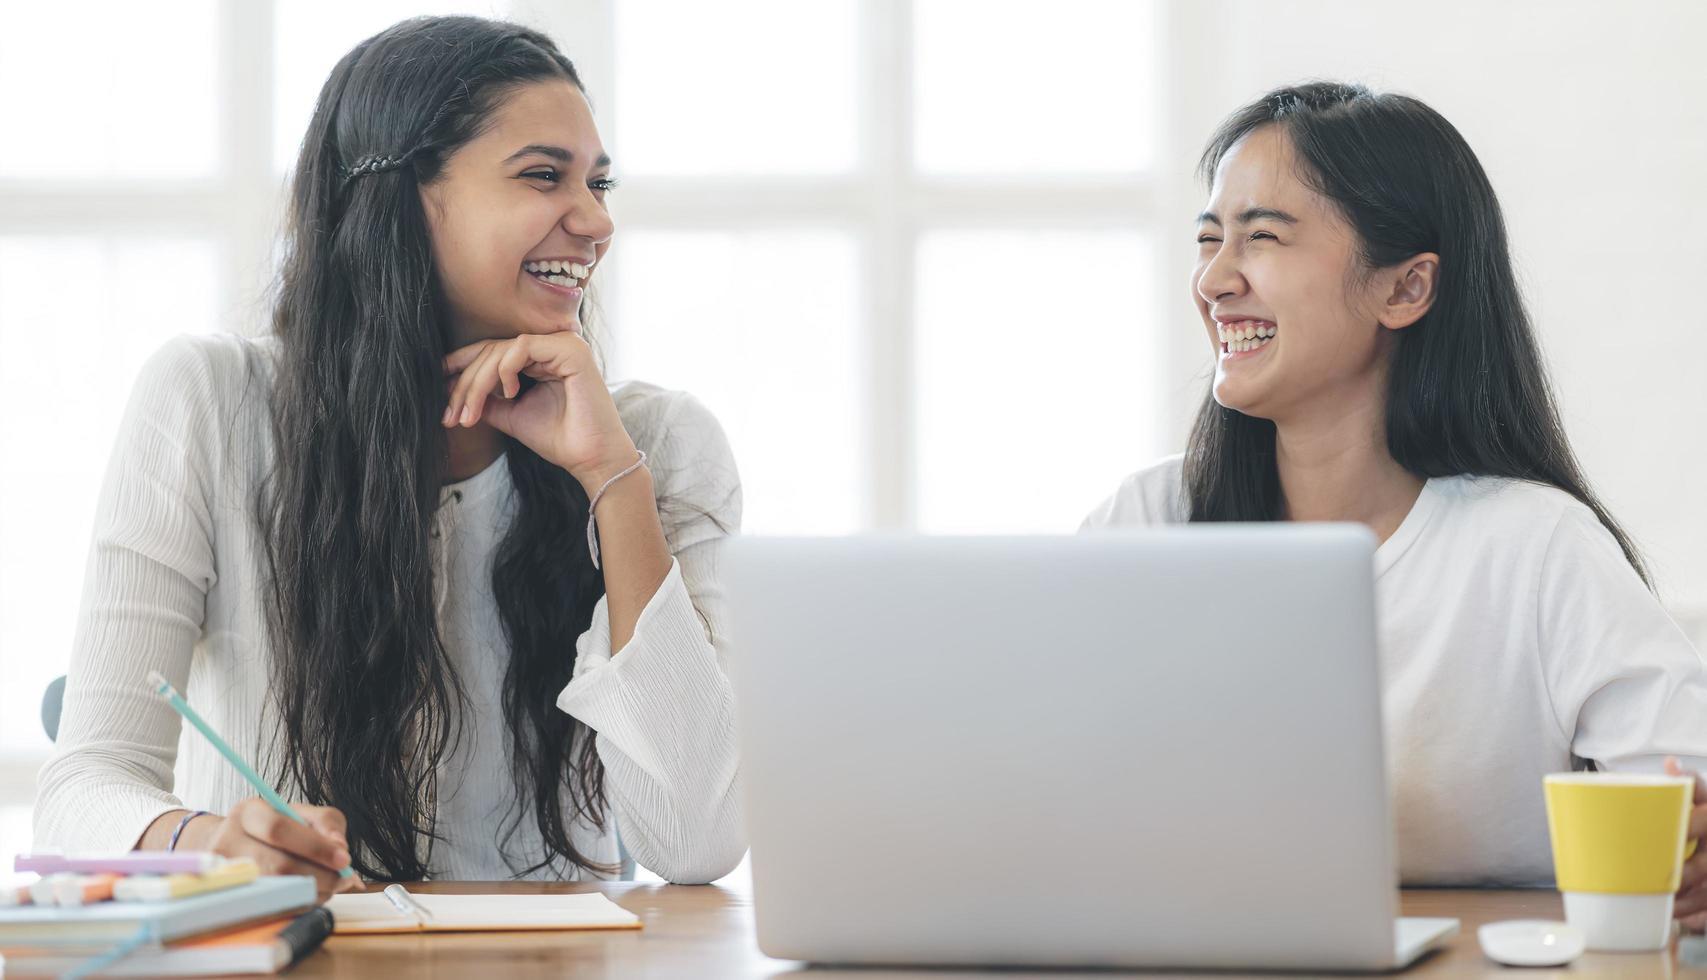 twee jonge vrouwen thuis socializen foto